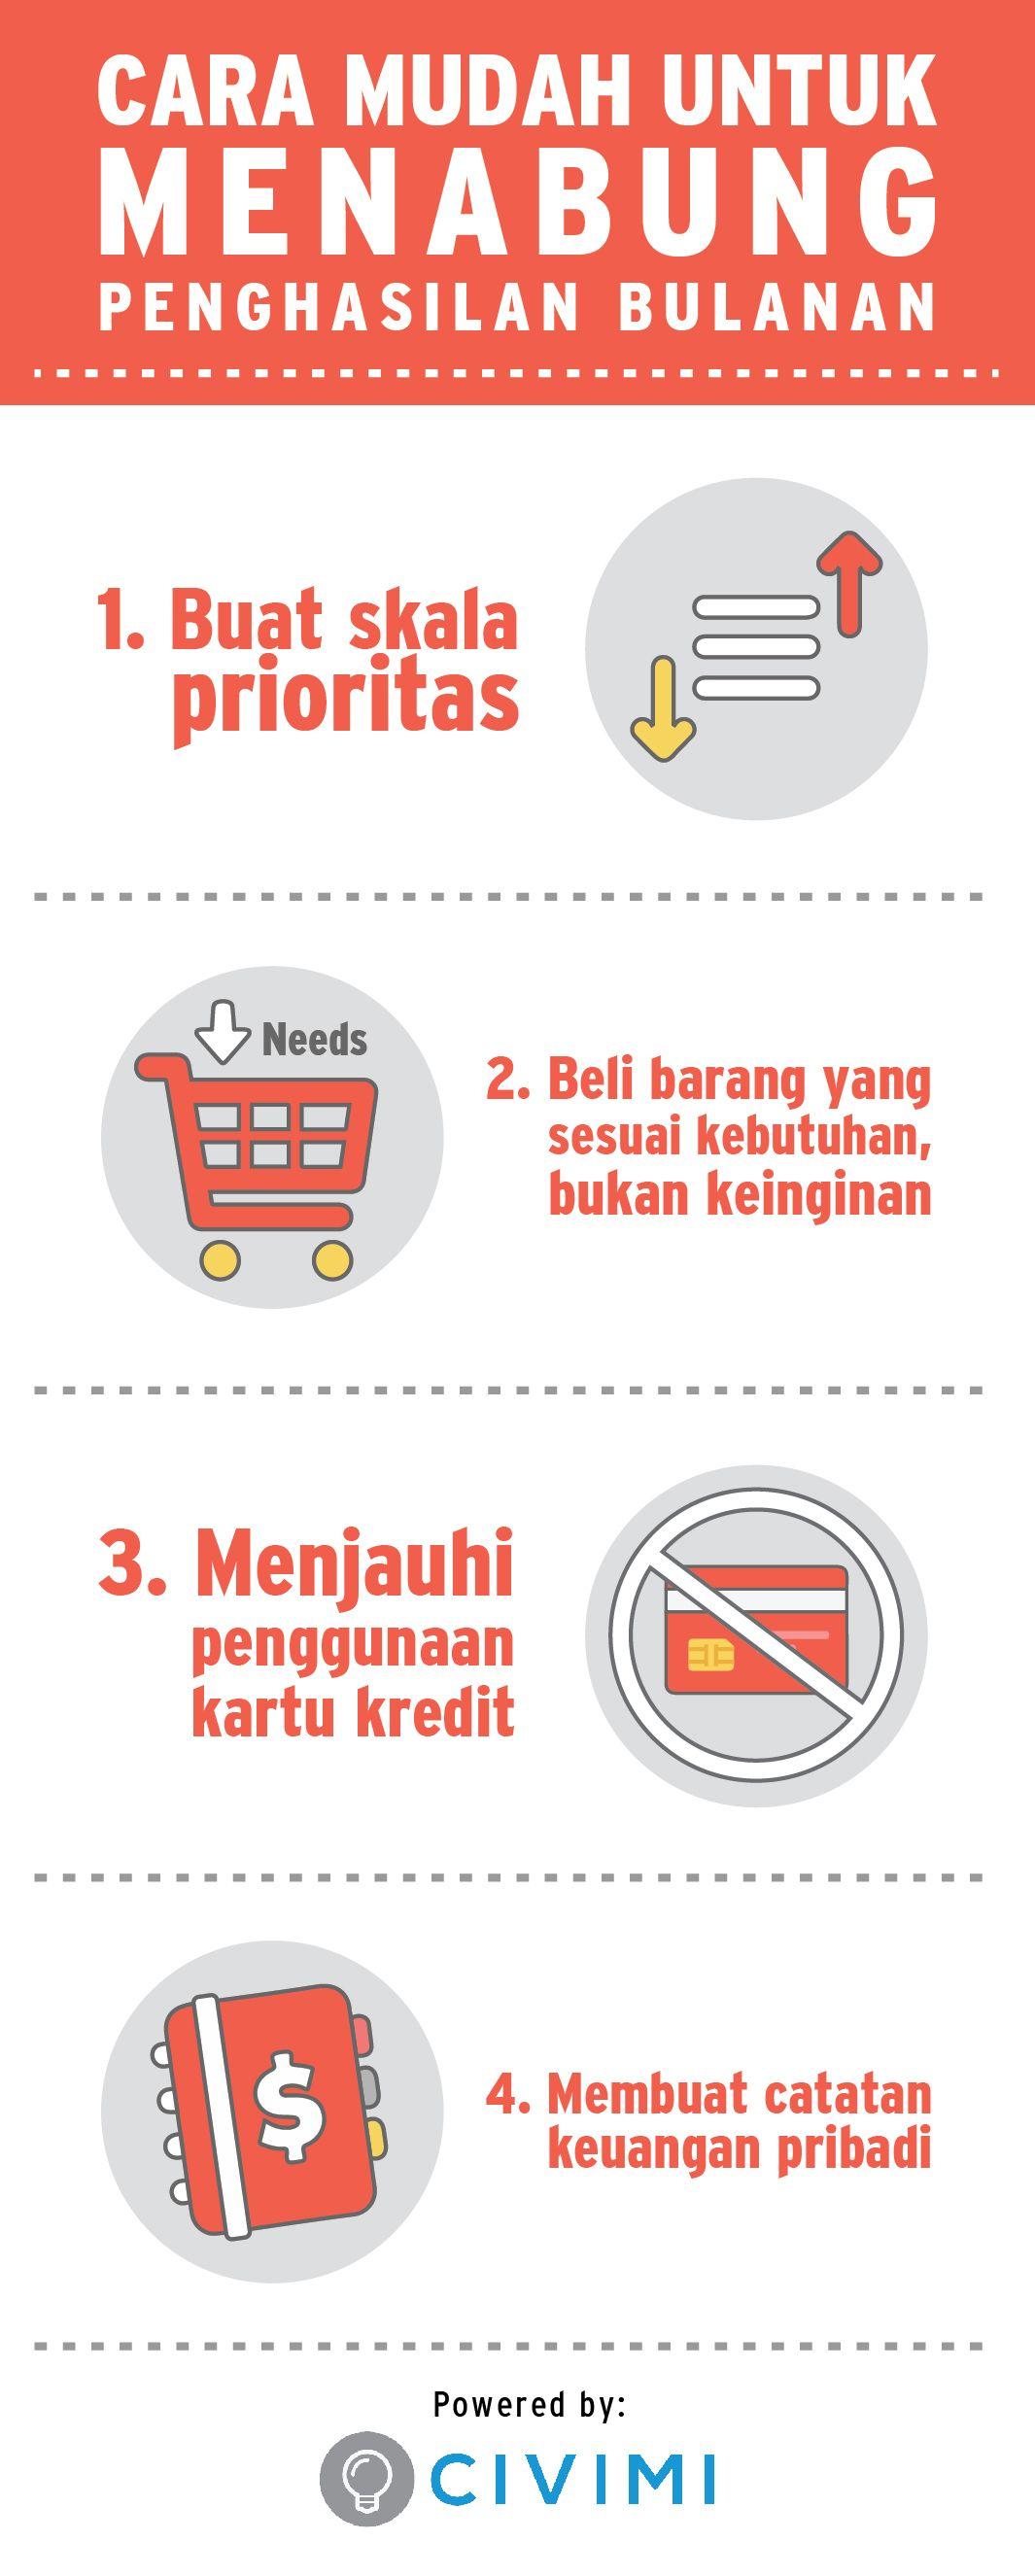 Tips Untuk Menabung Penghasilan Bulanan Kamu Infographic Keuangan Pengelolaan Uang Pengetahuan